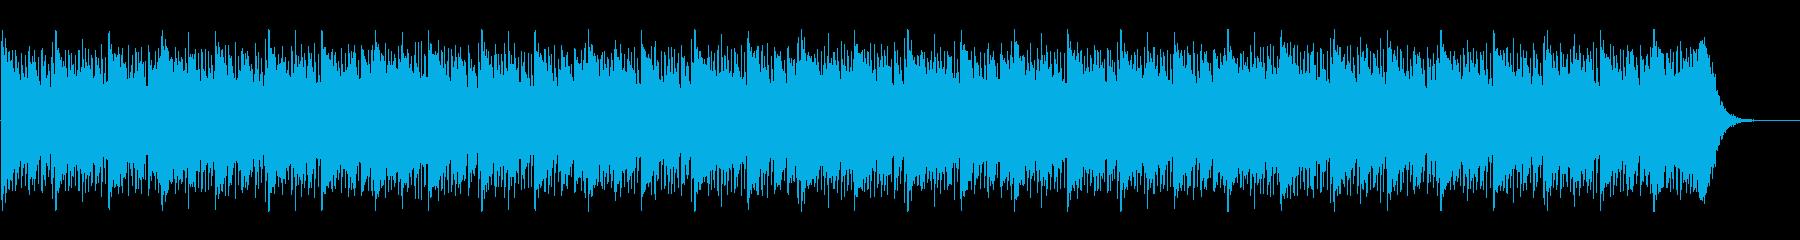 サスペンス:事件02の再生済みの波形